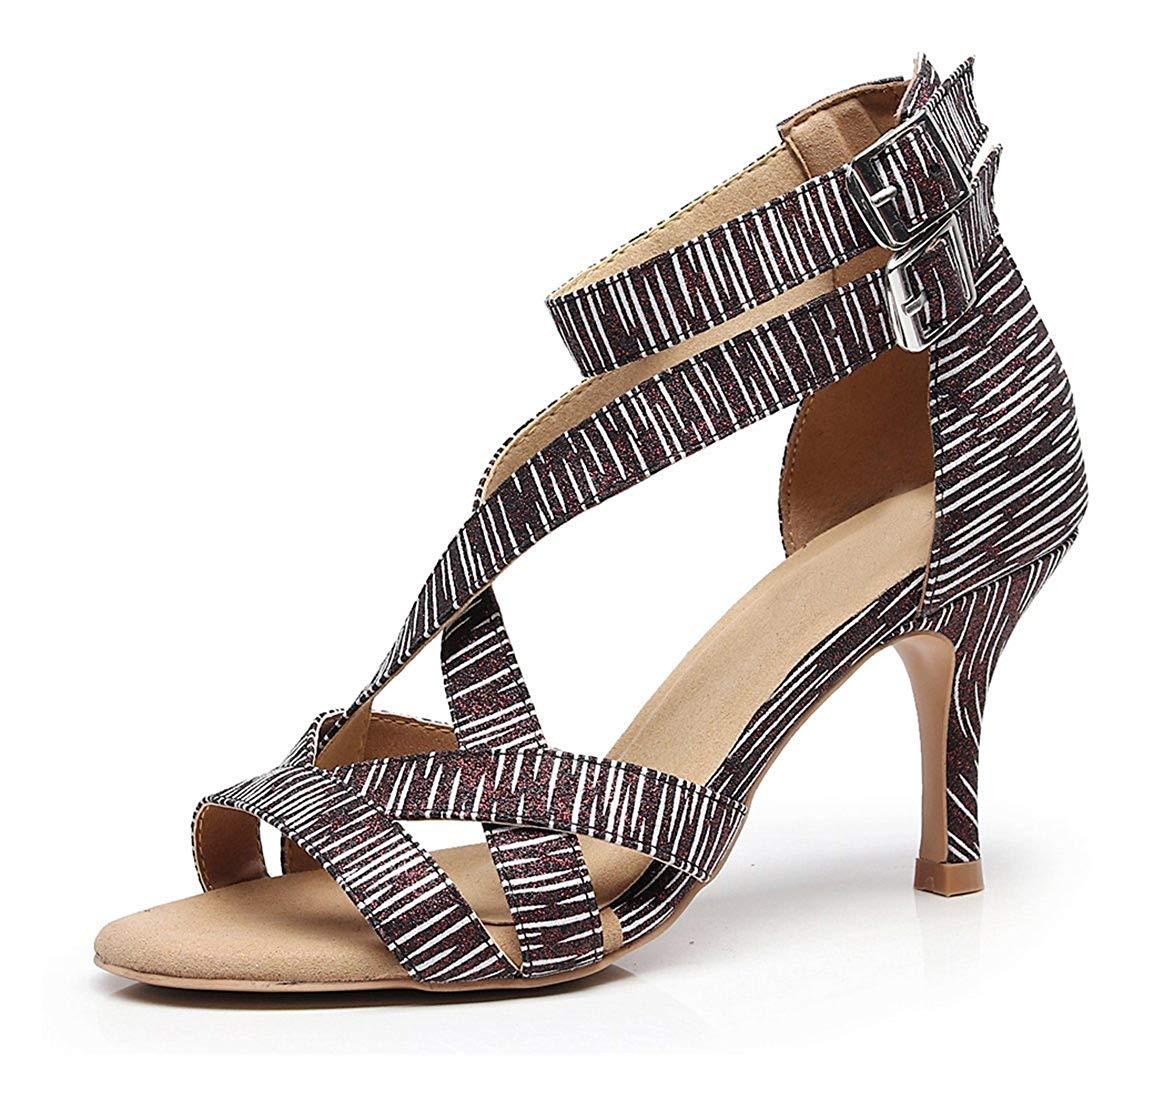 HhGold Damen weiche Gummisohle Knöchelriemen schwarz weiß Latin Salsa tanzen Schuhe Hochzeit Schuhe UK 7 (Farbe   - Größe   -)